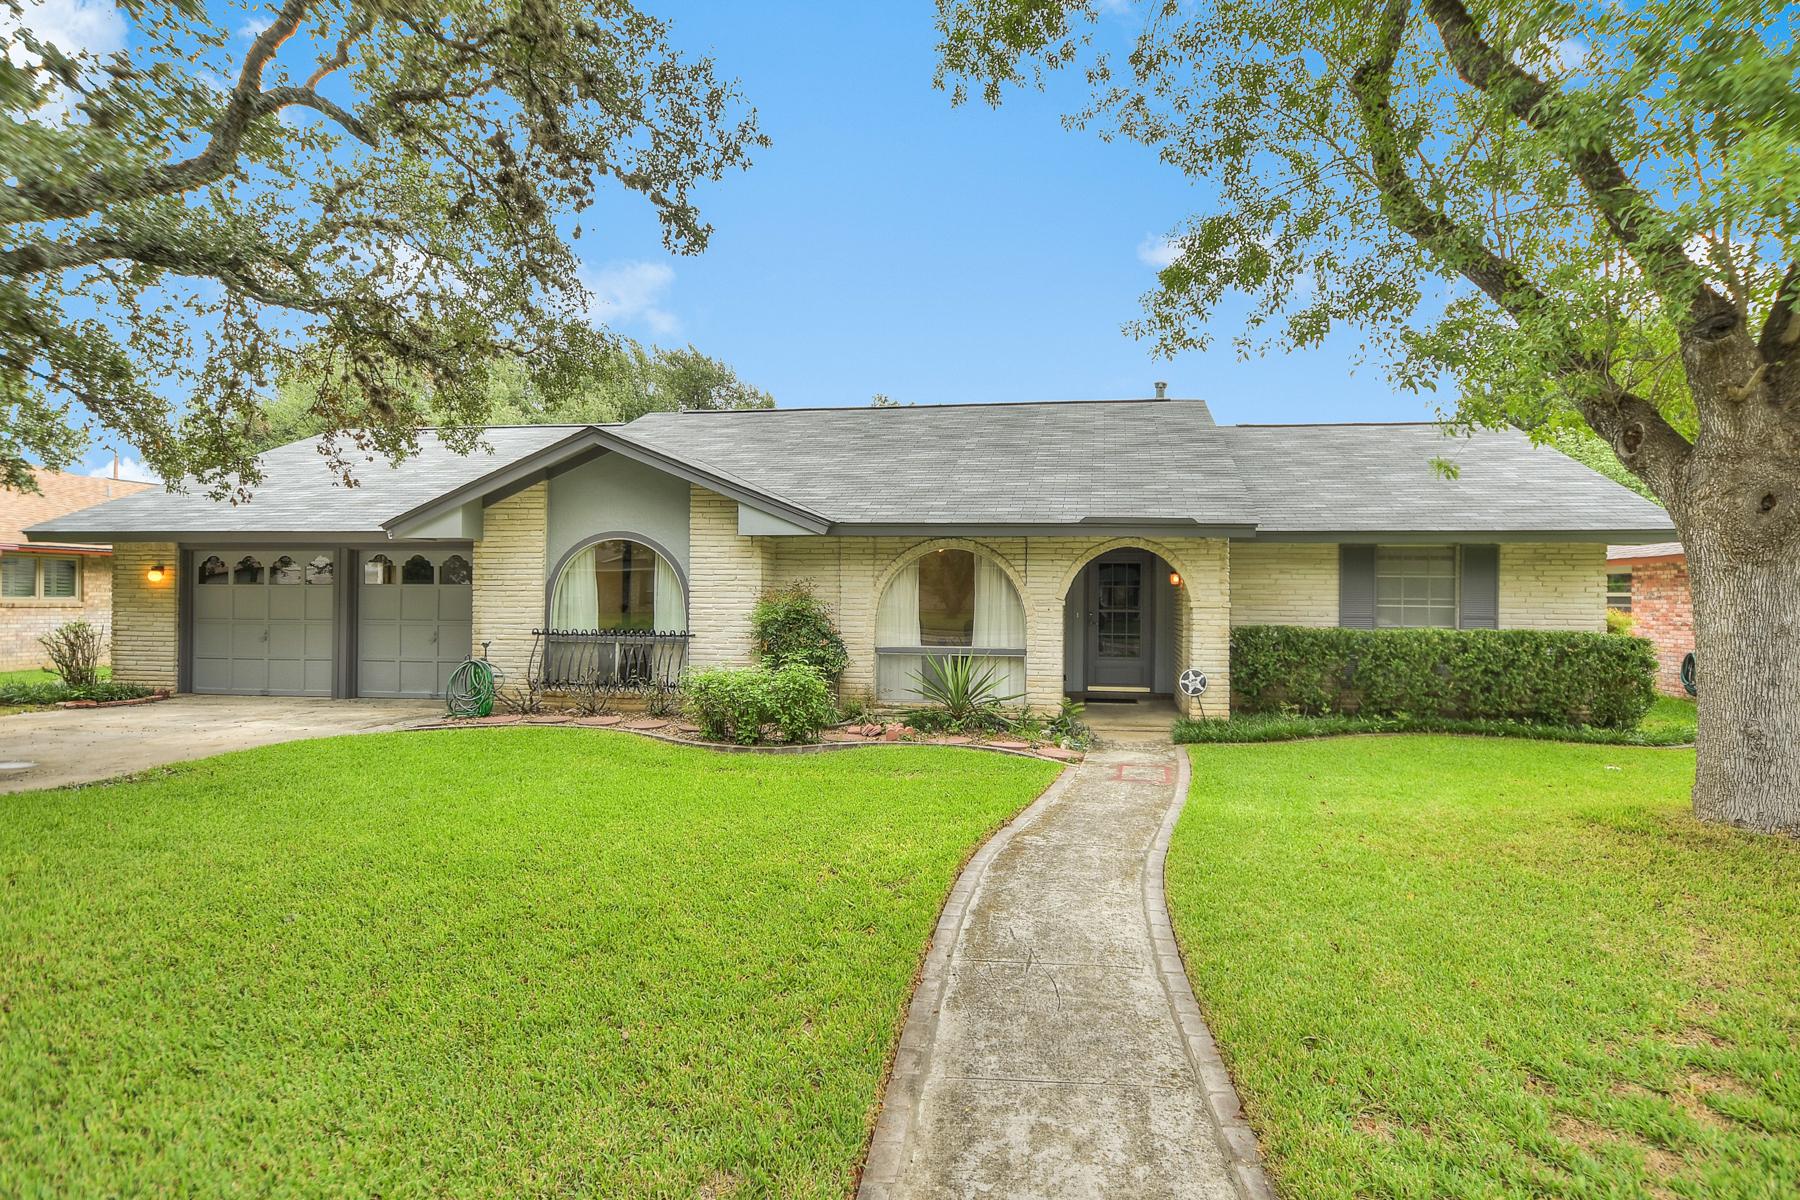 Vivienda unifamiliar por un Venta en Lovely Home in Regency Place 10218 Severn Rd San Antonio, Texas 78217 Estados Unidos